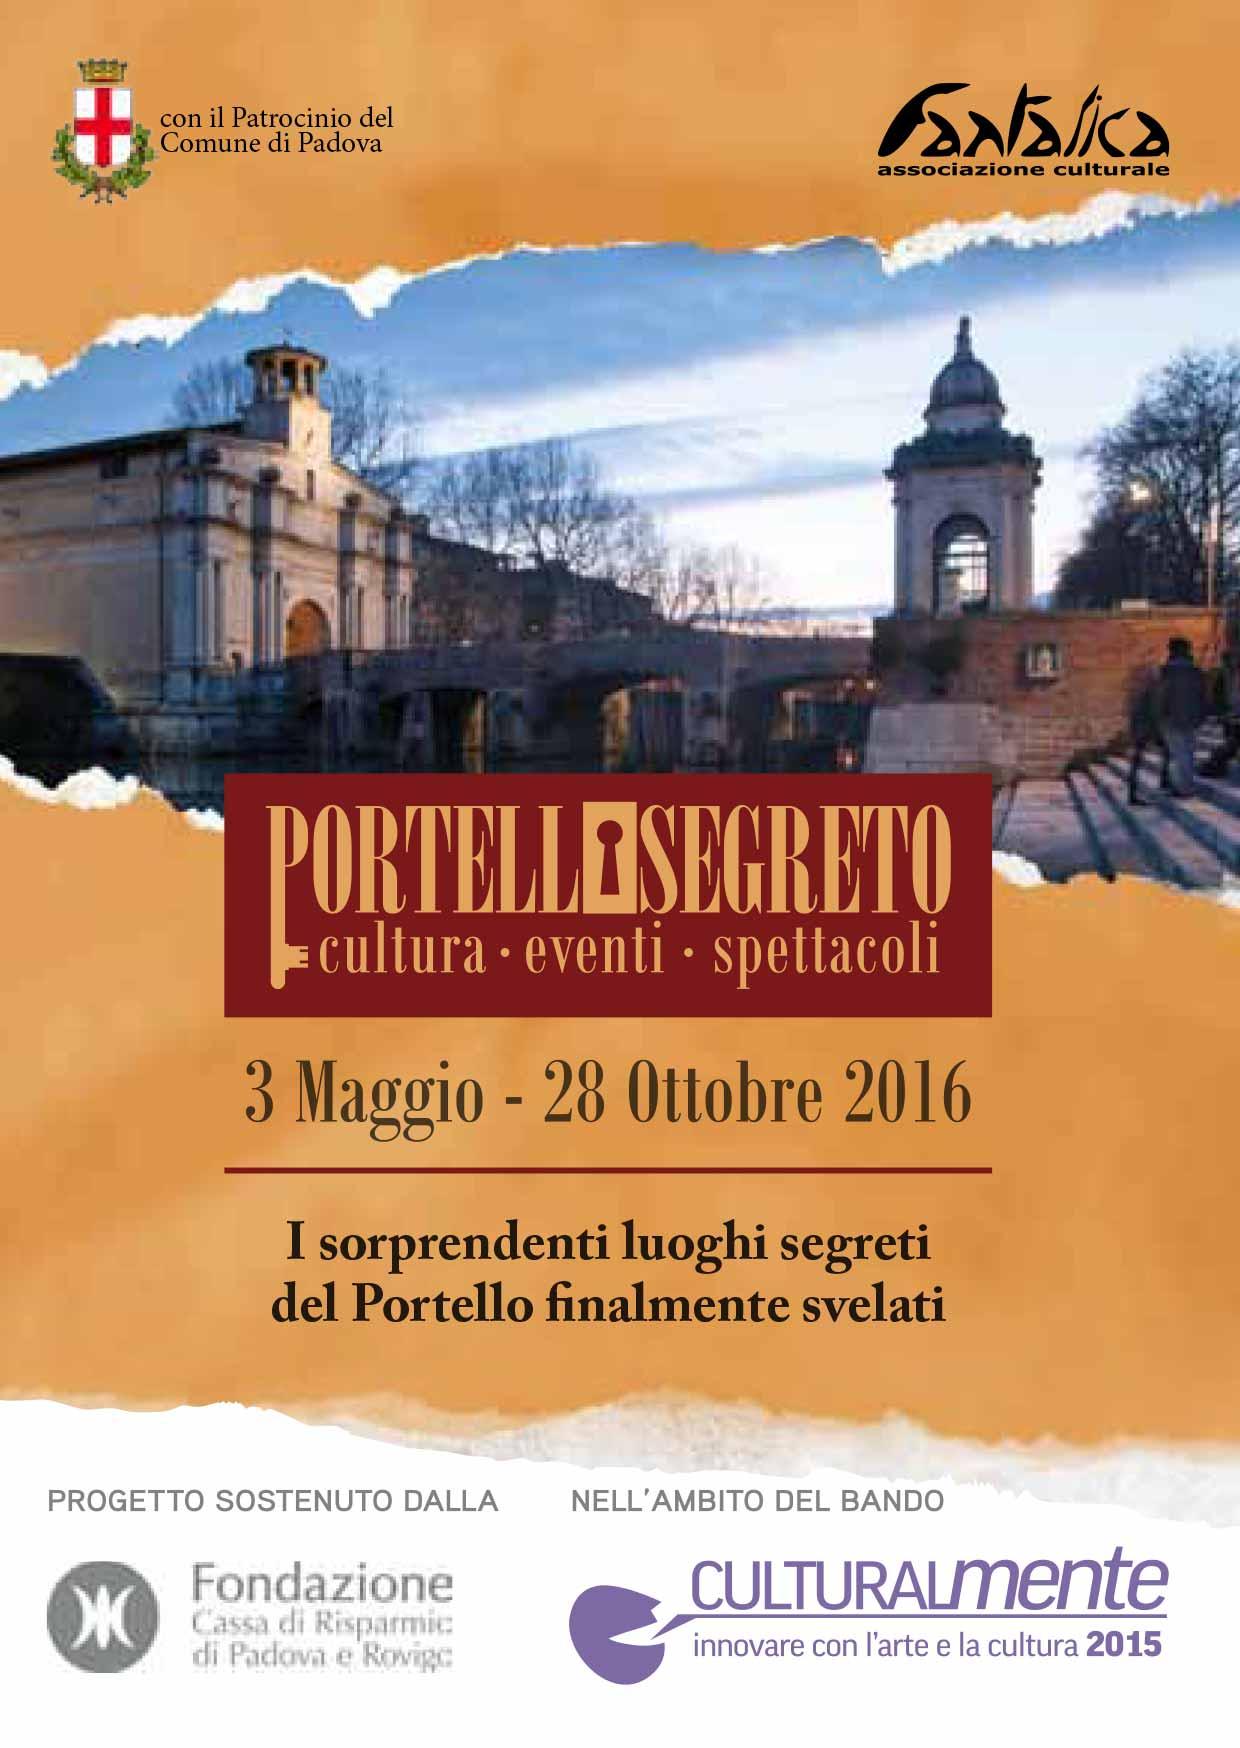 Padova-Portello Segreto 2016